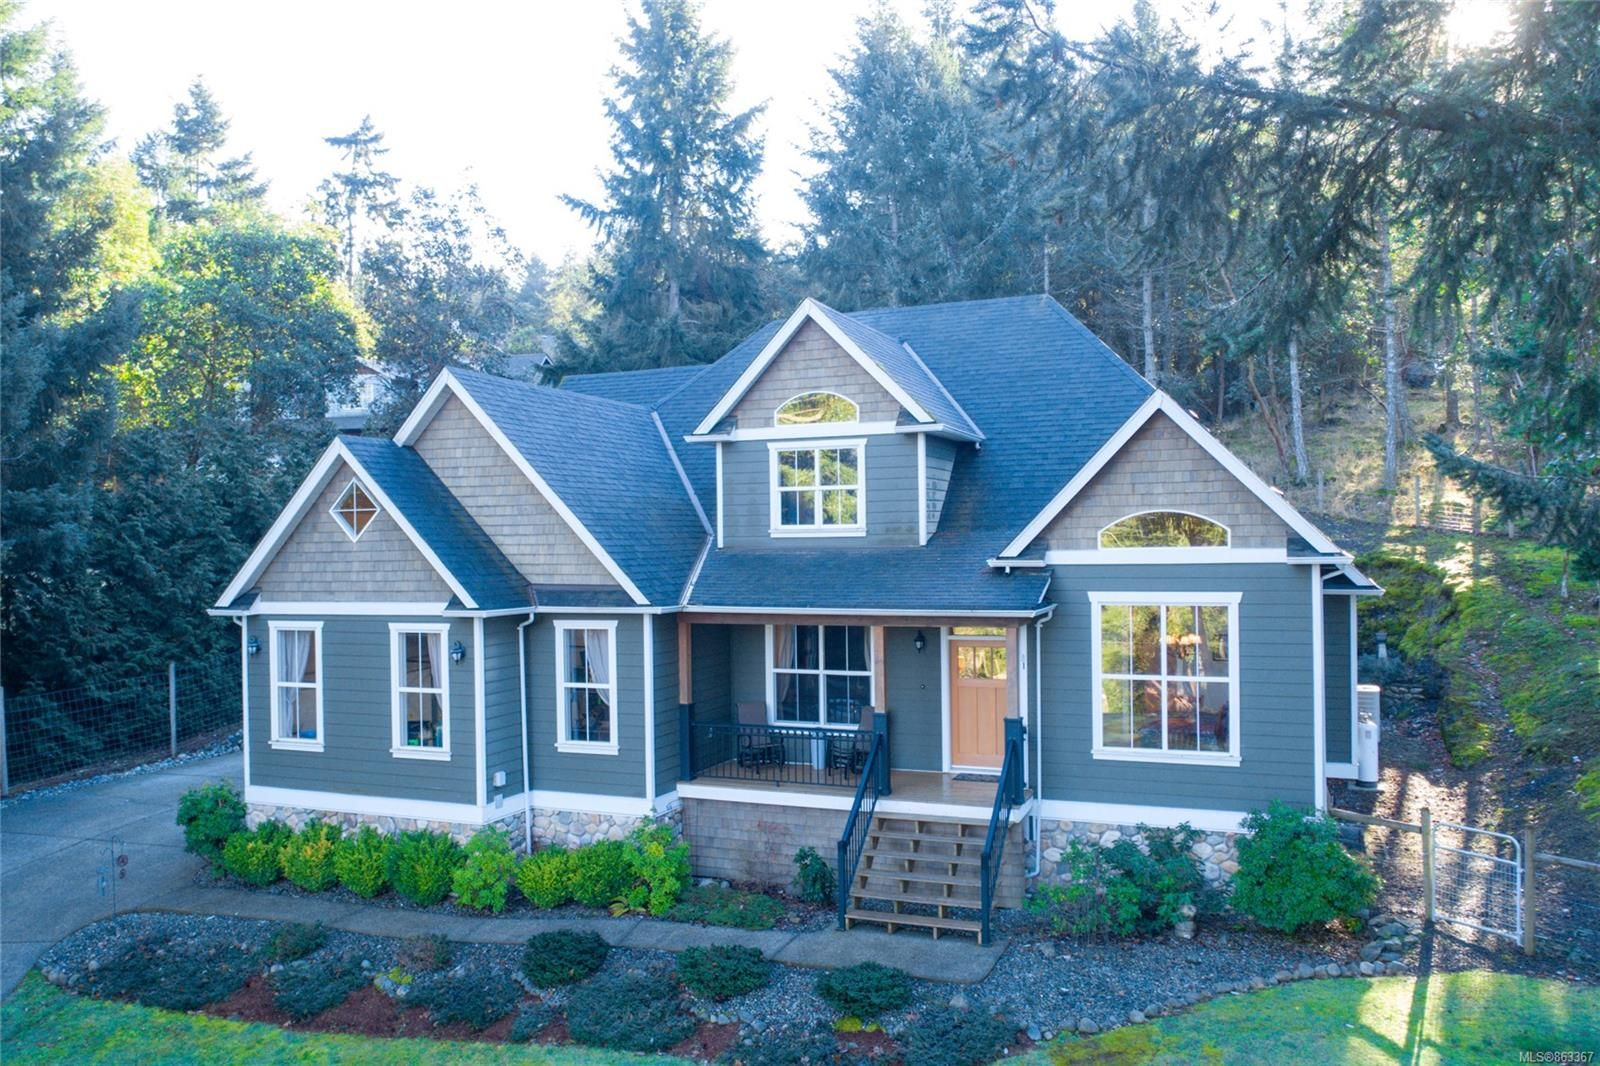 Main Photo: 1148 Osprey Dr in : Du East Duncan House for sale (Duncan)  : MLS®# 863367